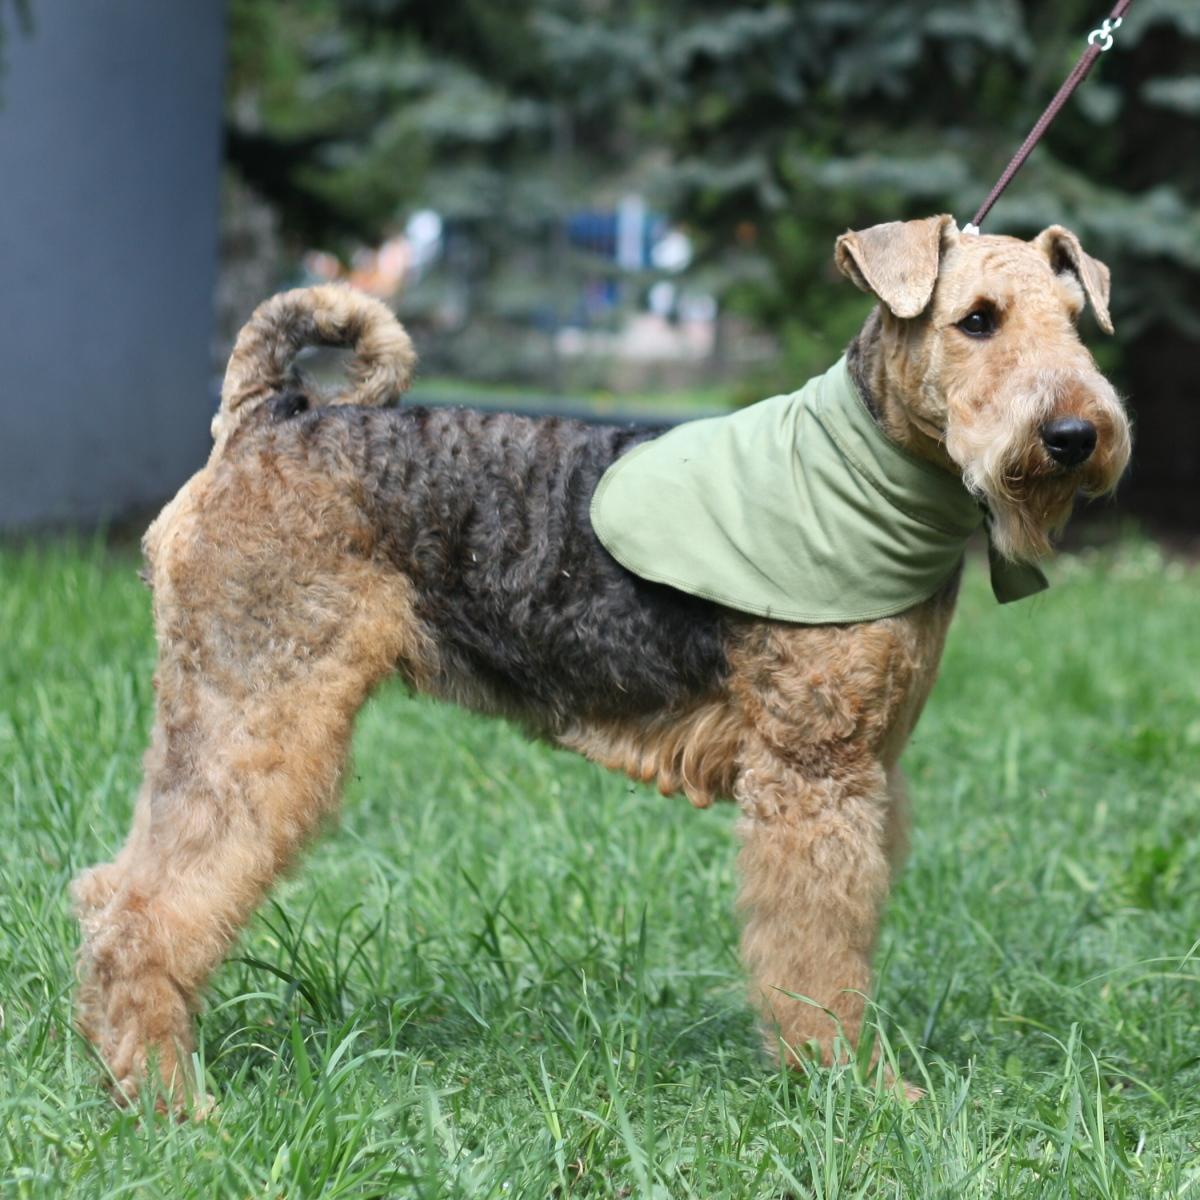 Косынка для собак Osso Fashion, охлаждающая, унисекс, цвет: оливковый. Размер LО-1007Охлаждающая косынка Osso Fashion из ткани ССТ (COOL COMFORT TECHNOLOGY) помогает собакам легче переносить жару, делает более комфортным их пребывание на солнце во время прогулки, в транспорте, на выставках, проходящих на открытом воздухе или в душном помещенииКосынка завязывается на шее животного, завязки помогают регулировать размер. Изделие охлаждает шею собаки, к тому же это красивый аксессуар.Охлаждающее изделие Osso Fashion сшито из инновационной ткани ССТ (COOL COMFORT TECHNOLOGY), которая создает персональную зону охлаждения и обеспечивает комфортную терморегуляцию на длительное время. Охлаждение ткани обеспечивается за счет уникальной структуры переплетения волокон, создающих капиллярные сети повышенной плотности. Серебросодержащее волокно X-Static, входящее в состав ткани, придает ей антистатические и антимикробные свойства. Длительное использование и многократные стирки не влияют на охлаждающие свойства ткани. В отличие от охлаждающих тканей предыдущего поколения, эта ткань не имеет химической пропитки и не содержит охлаждающих гелей.При активации изделия (встряхивании) происходит максимальное охлаждение за счет испарения воды. Однако - из-за уникальной комбинации волокон и их взаимодействия между собой - испарение и потеря влаги происходит медленно, поскольку одновременно идет мощное впитывание паров и водоотведение.Чтобы активировать охлаждающее действие изделия его нужно намочить, отжать и встряхнуть. Подходит вода из любого источника: из-под крана, дождевая, речная, морская, влага от потоотделения - они реактивируют охлаждающую функцию снова и снова.Длина: 72 см.Ширина: 28 см.Одежда для собак: нужна ли она и как её выбрать. Статья OZON Гид